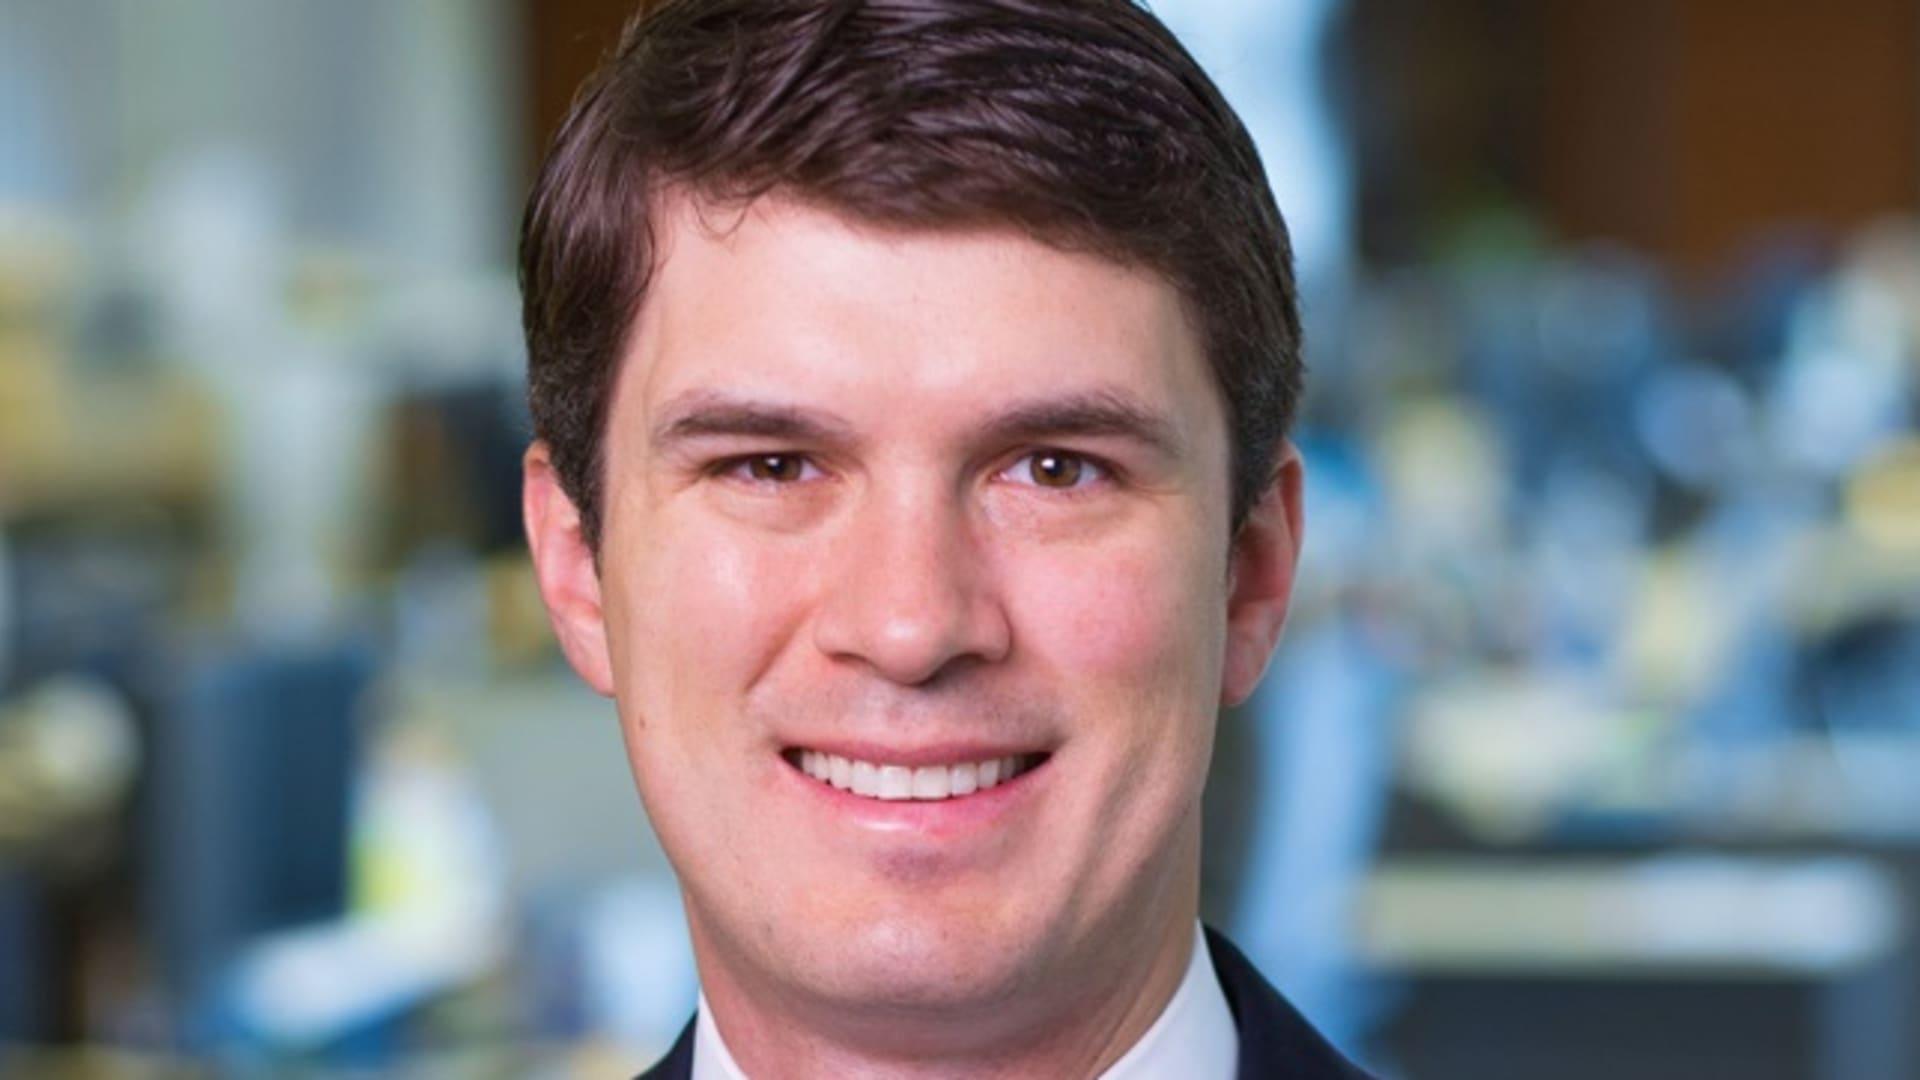 Wes Slagle, Mid-Atlantic Region Head at Goldman Sachs